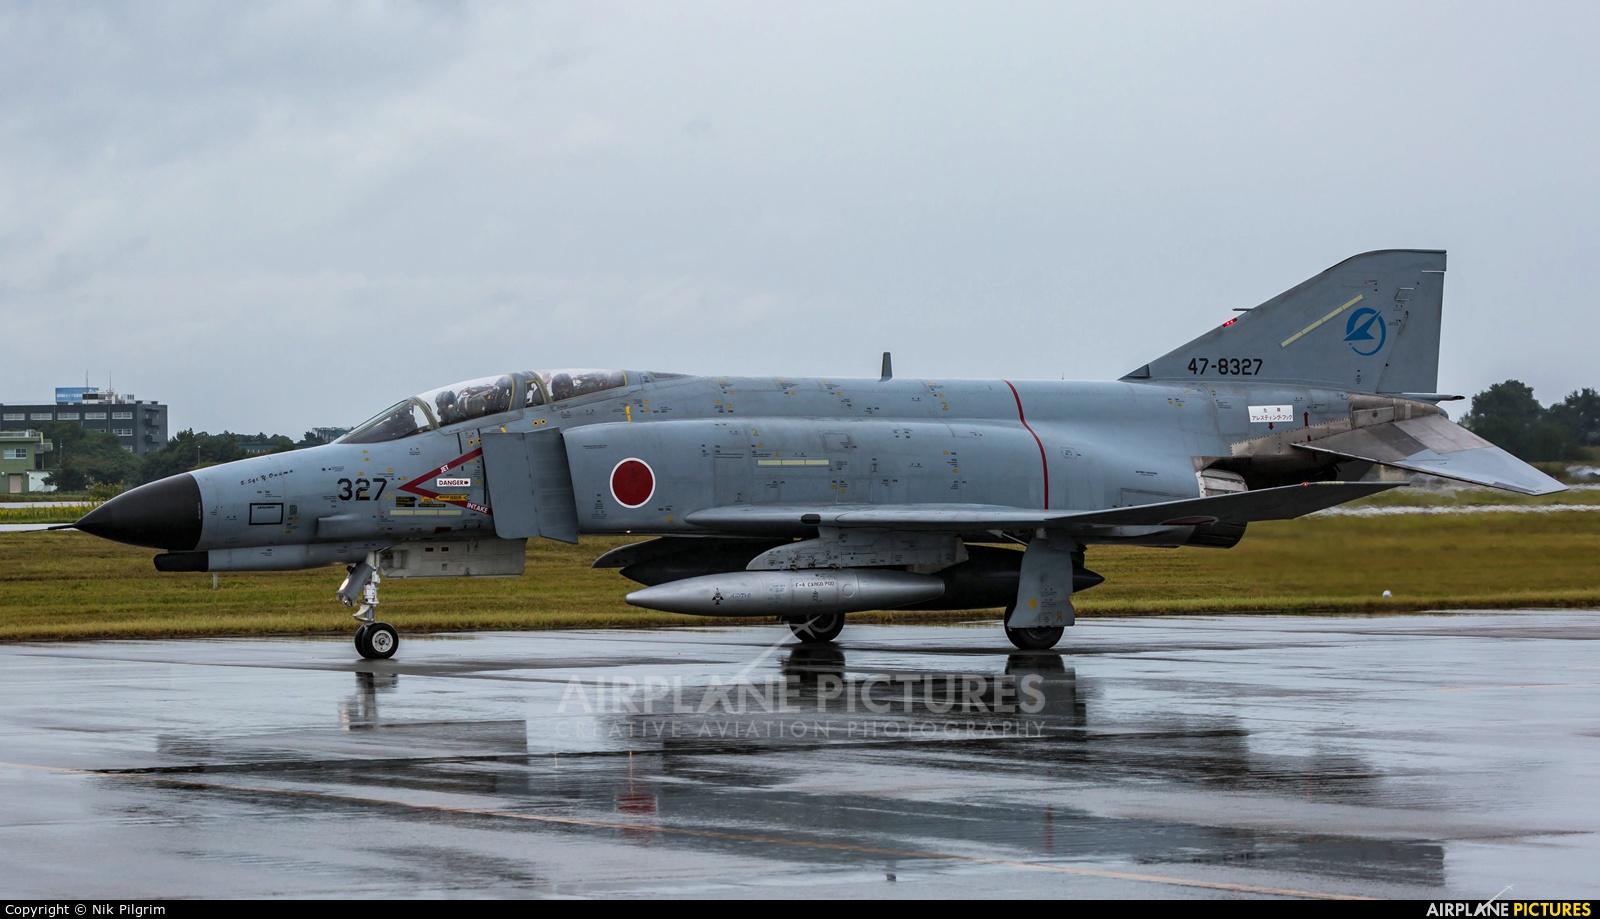 Japan - Air Self Defence Force 47-8327 aircraft at Hamamatsu AB